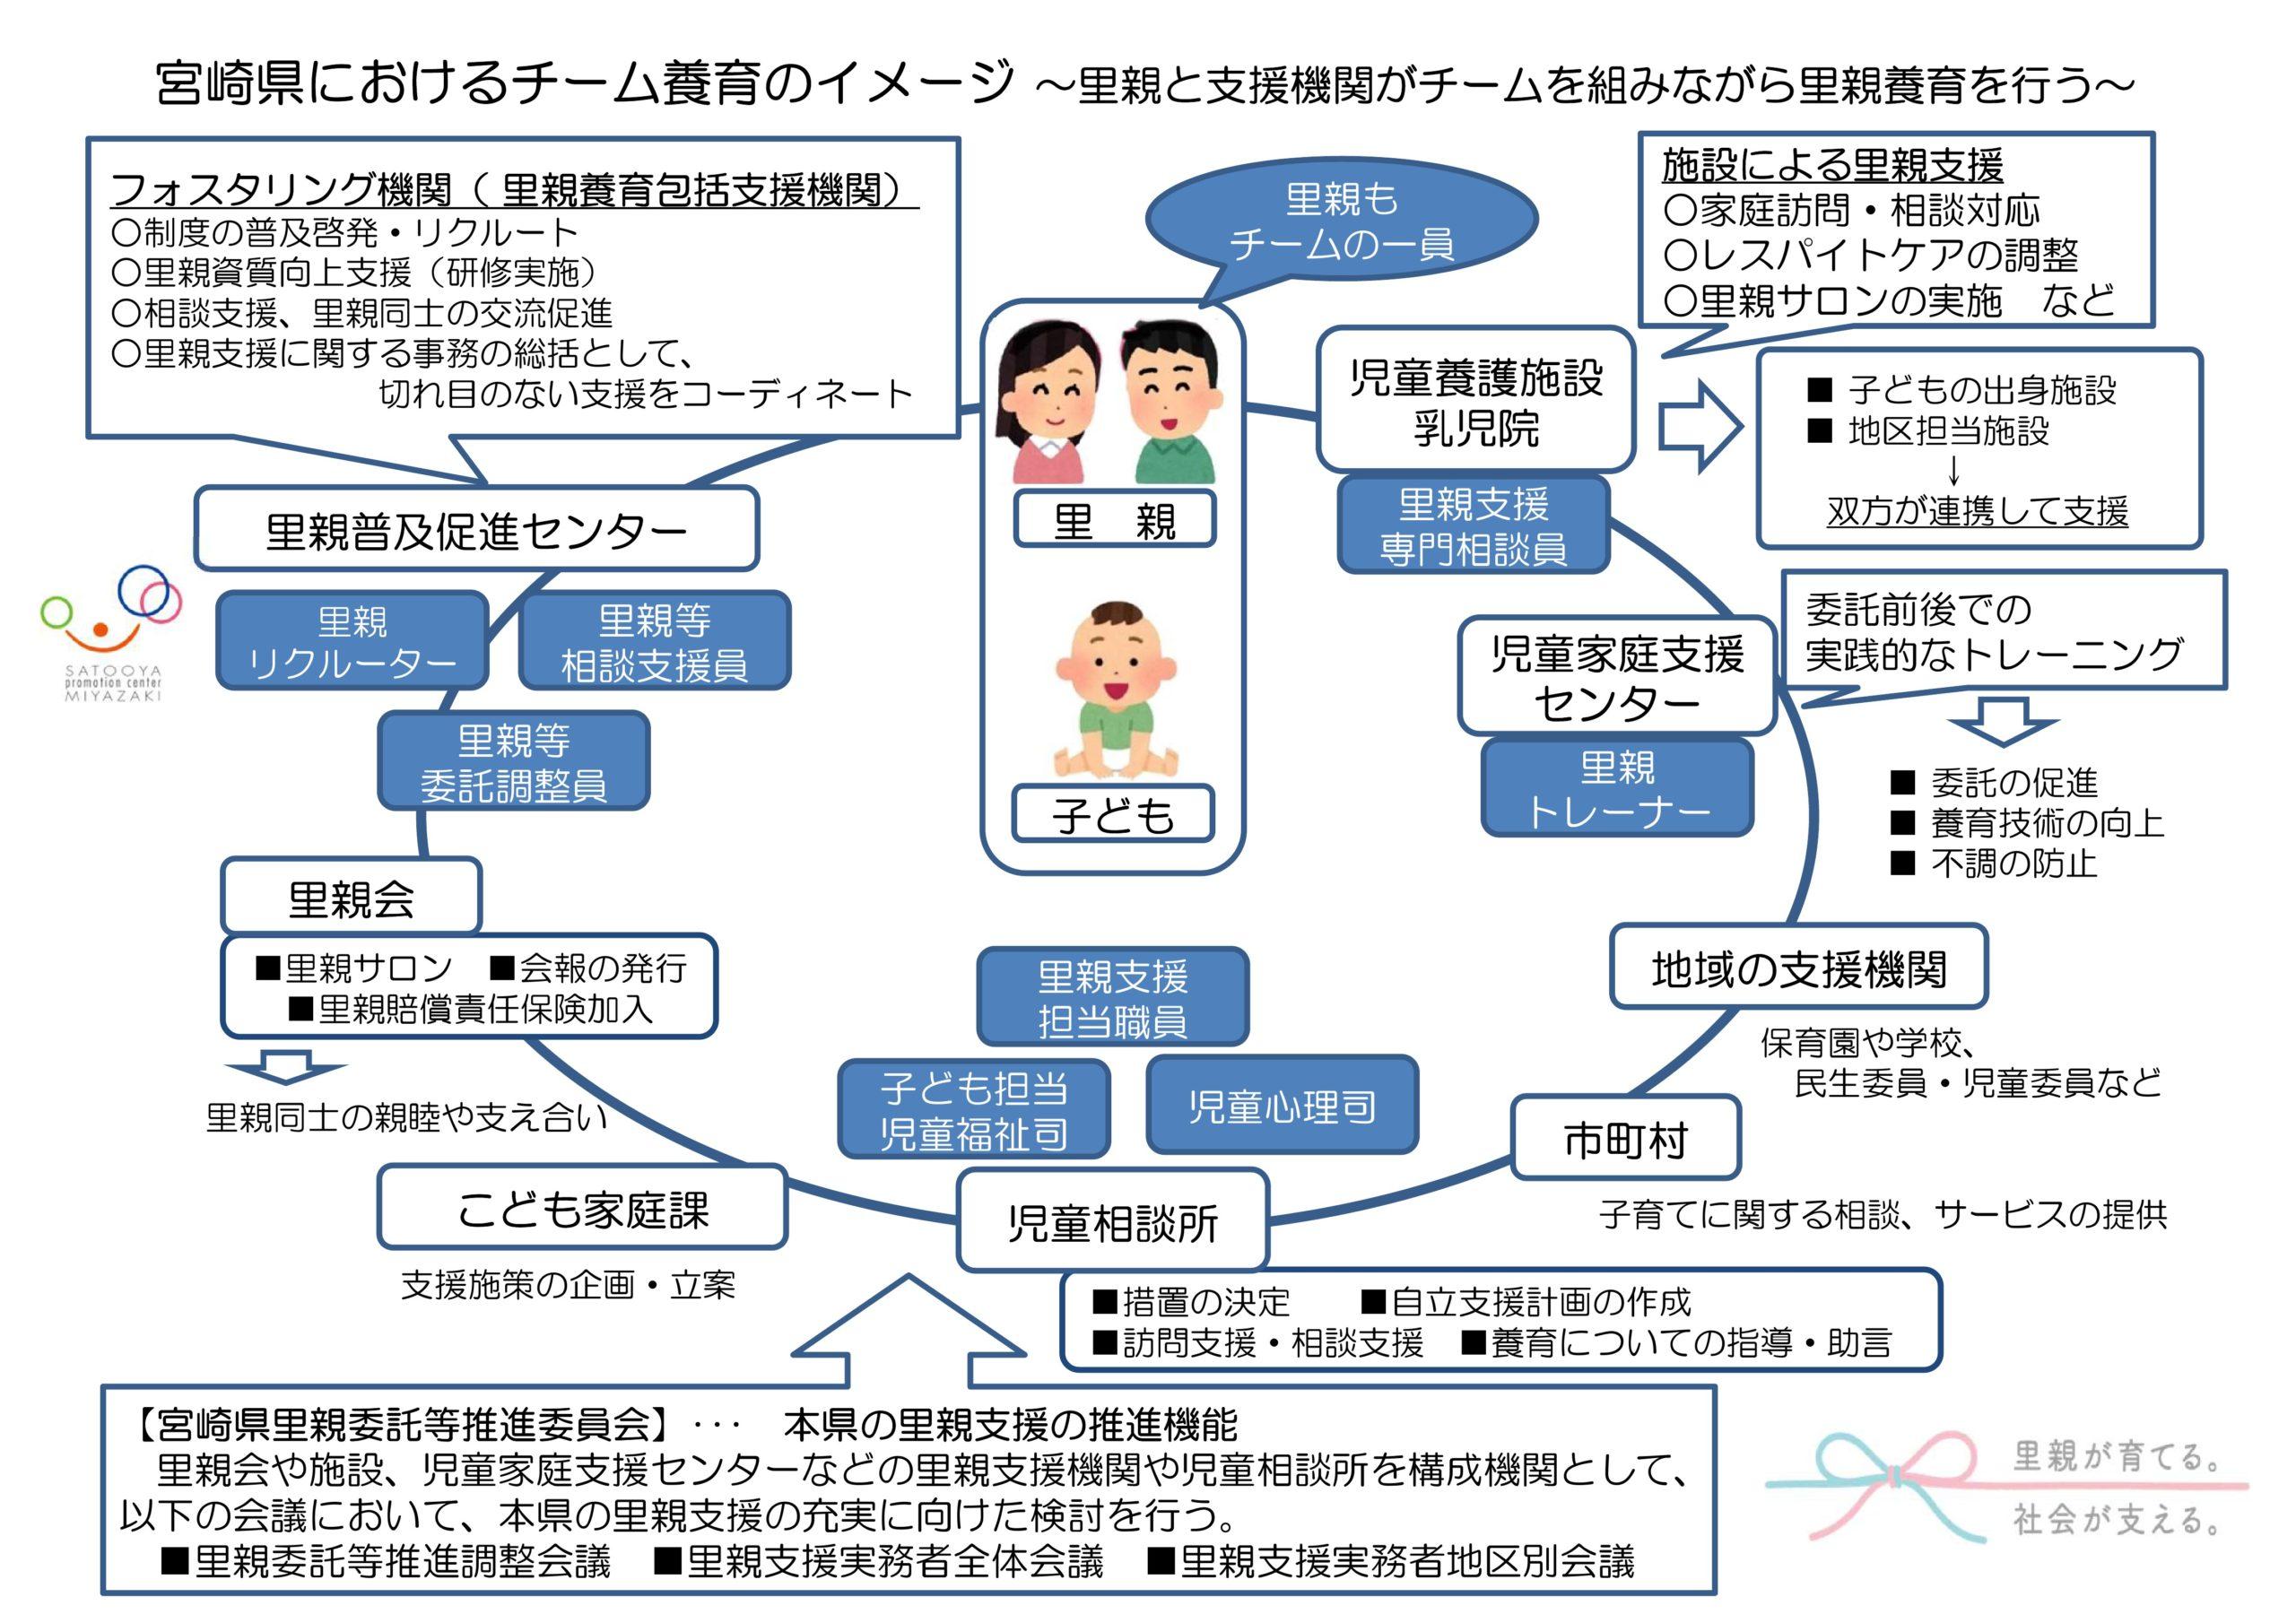 宮崎県におけるチーム養育のイメージ~里親と支援機関がチームを組みながら里親養育を行う~